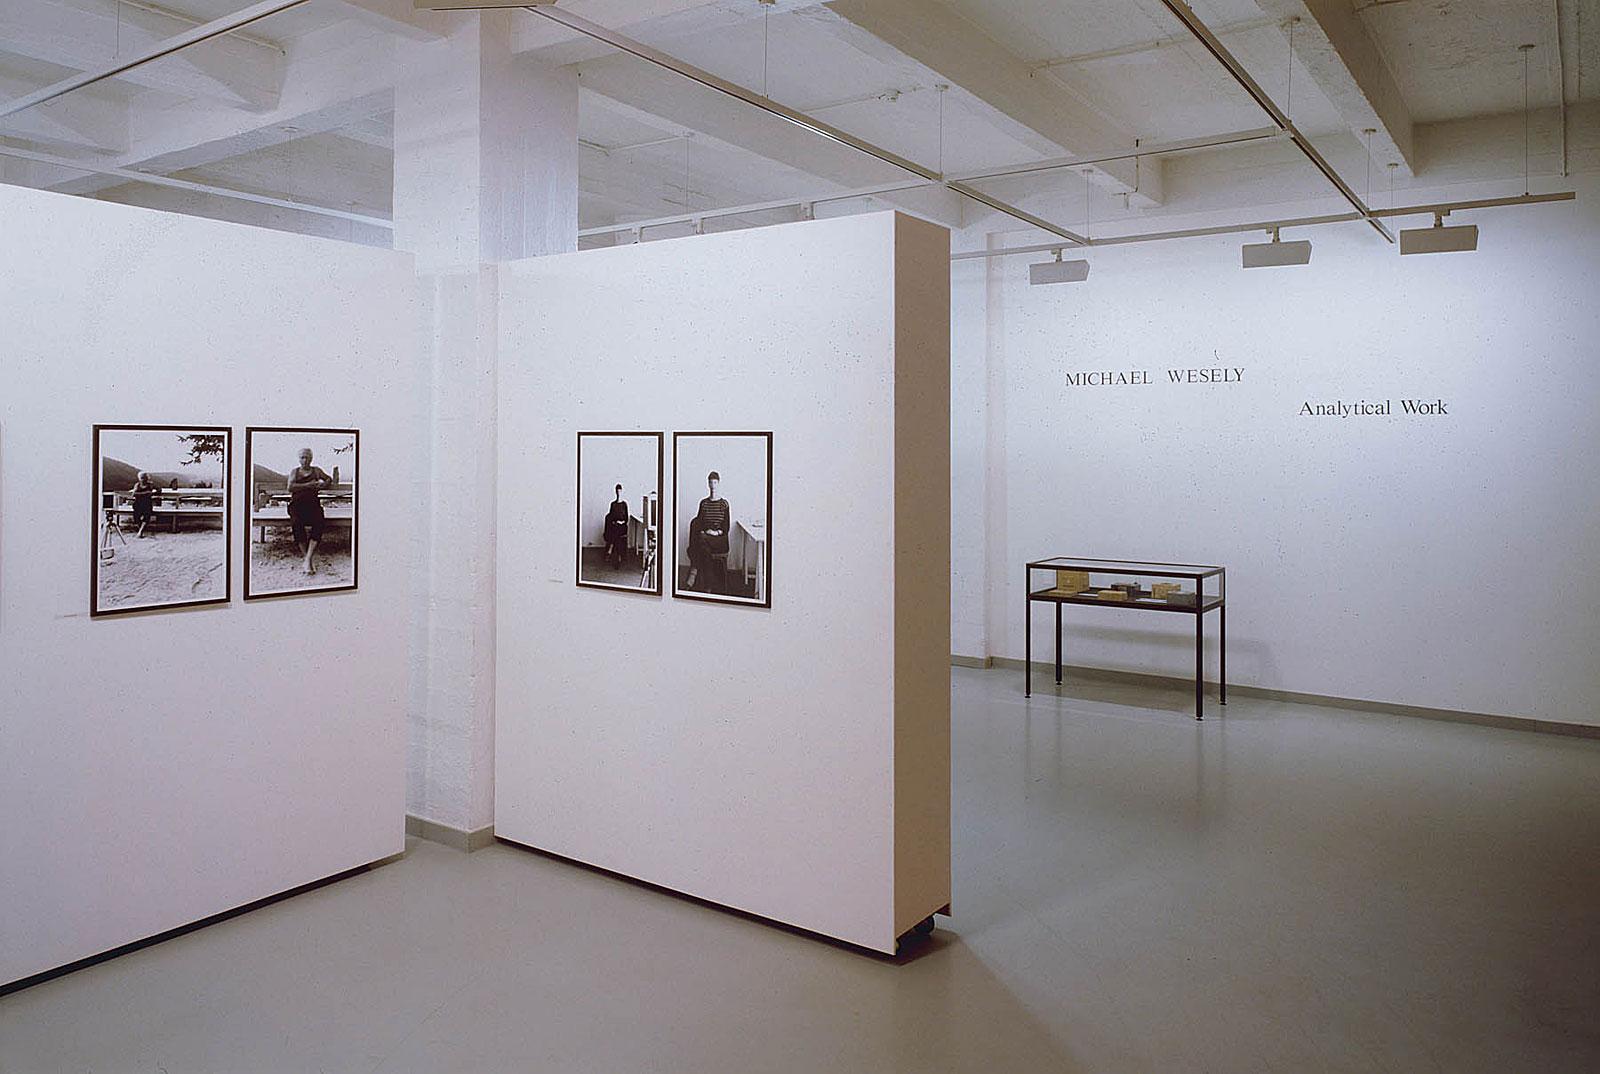 Analytical work, Museum voor Fotografie, Antwerpen